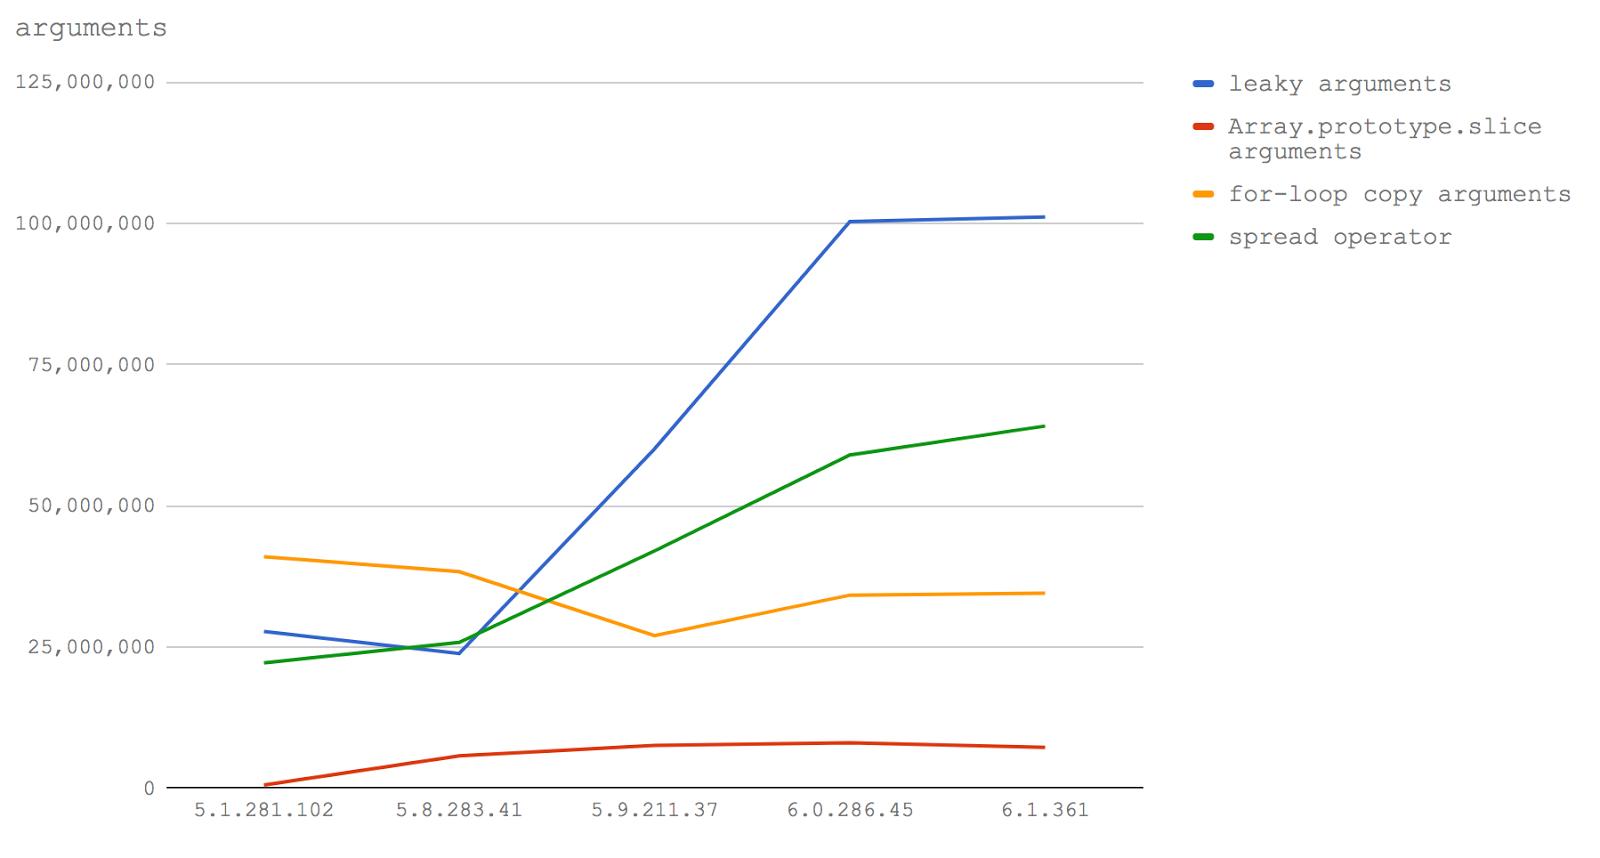 Новый V8 и скорость Node.js: техники оптимизации сегодня и завтра - 5